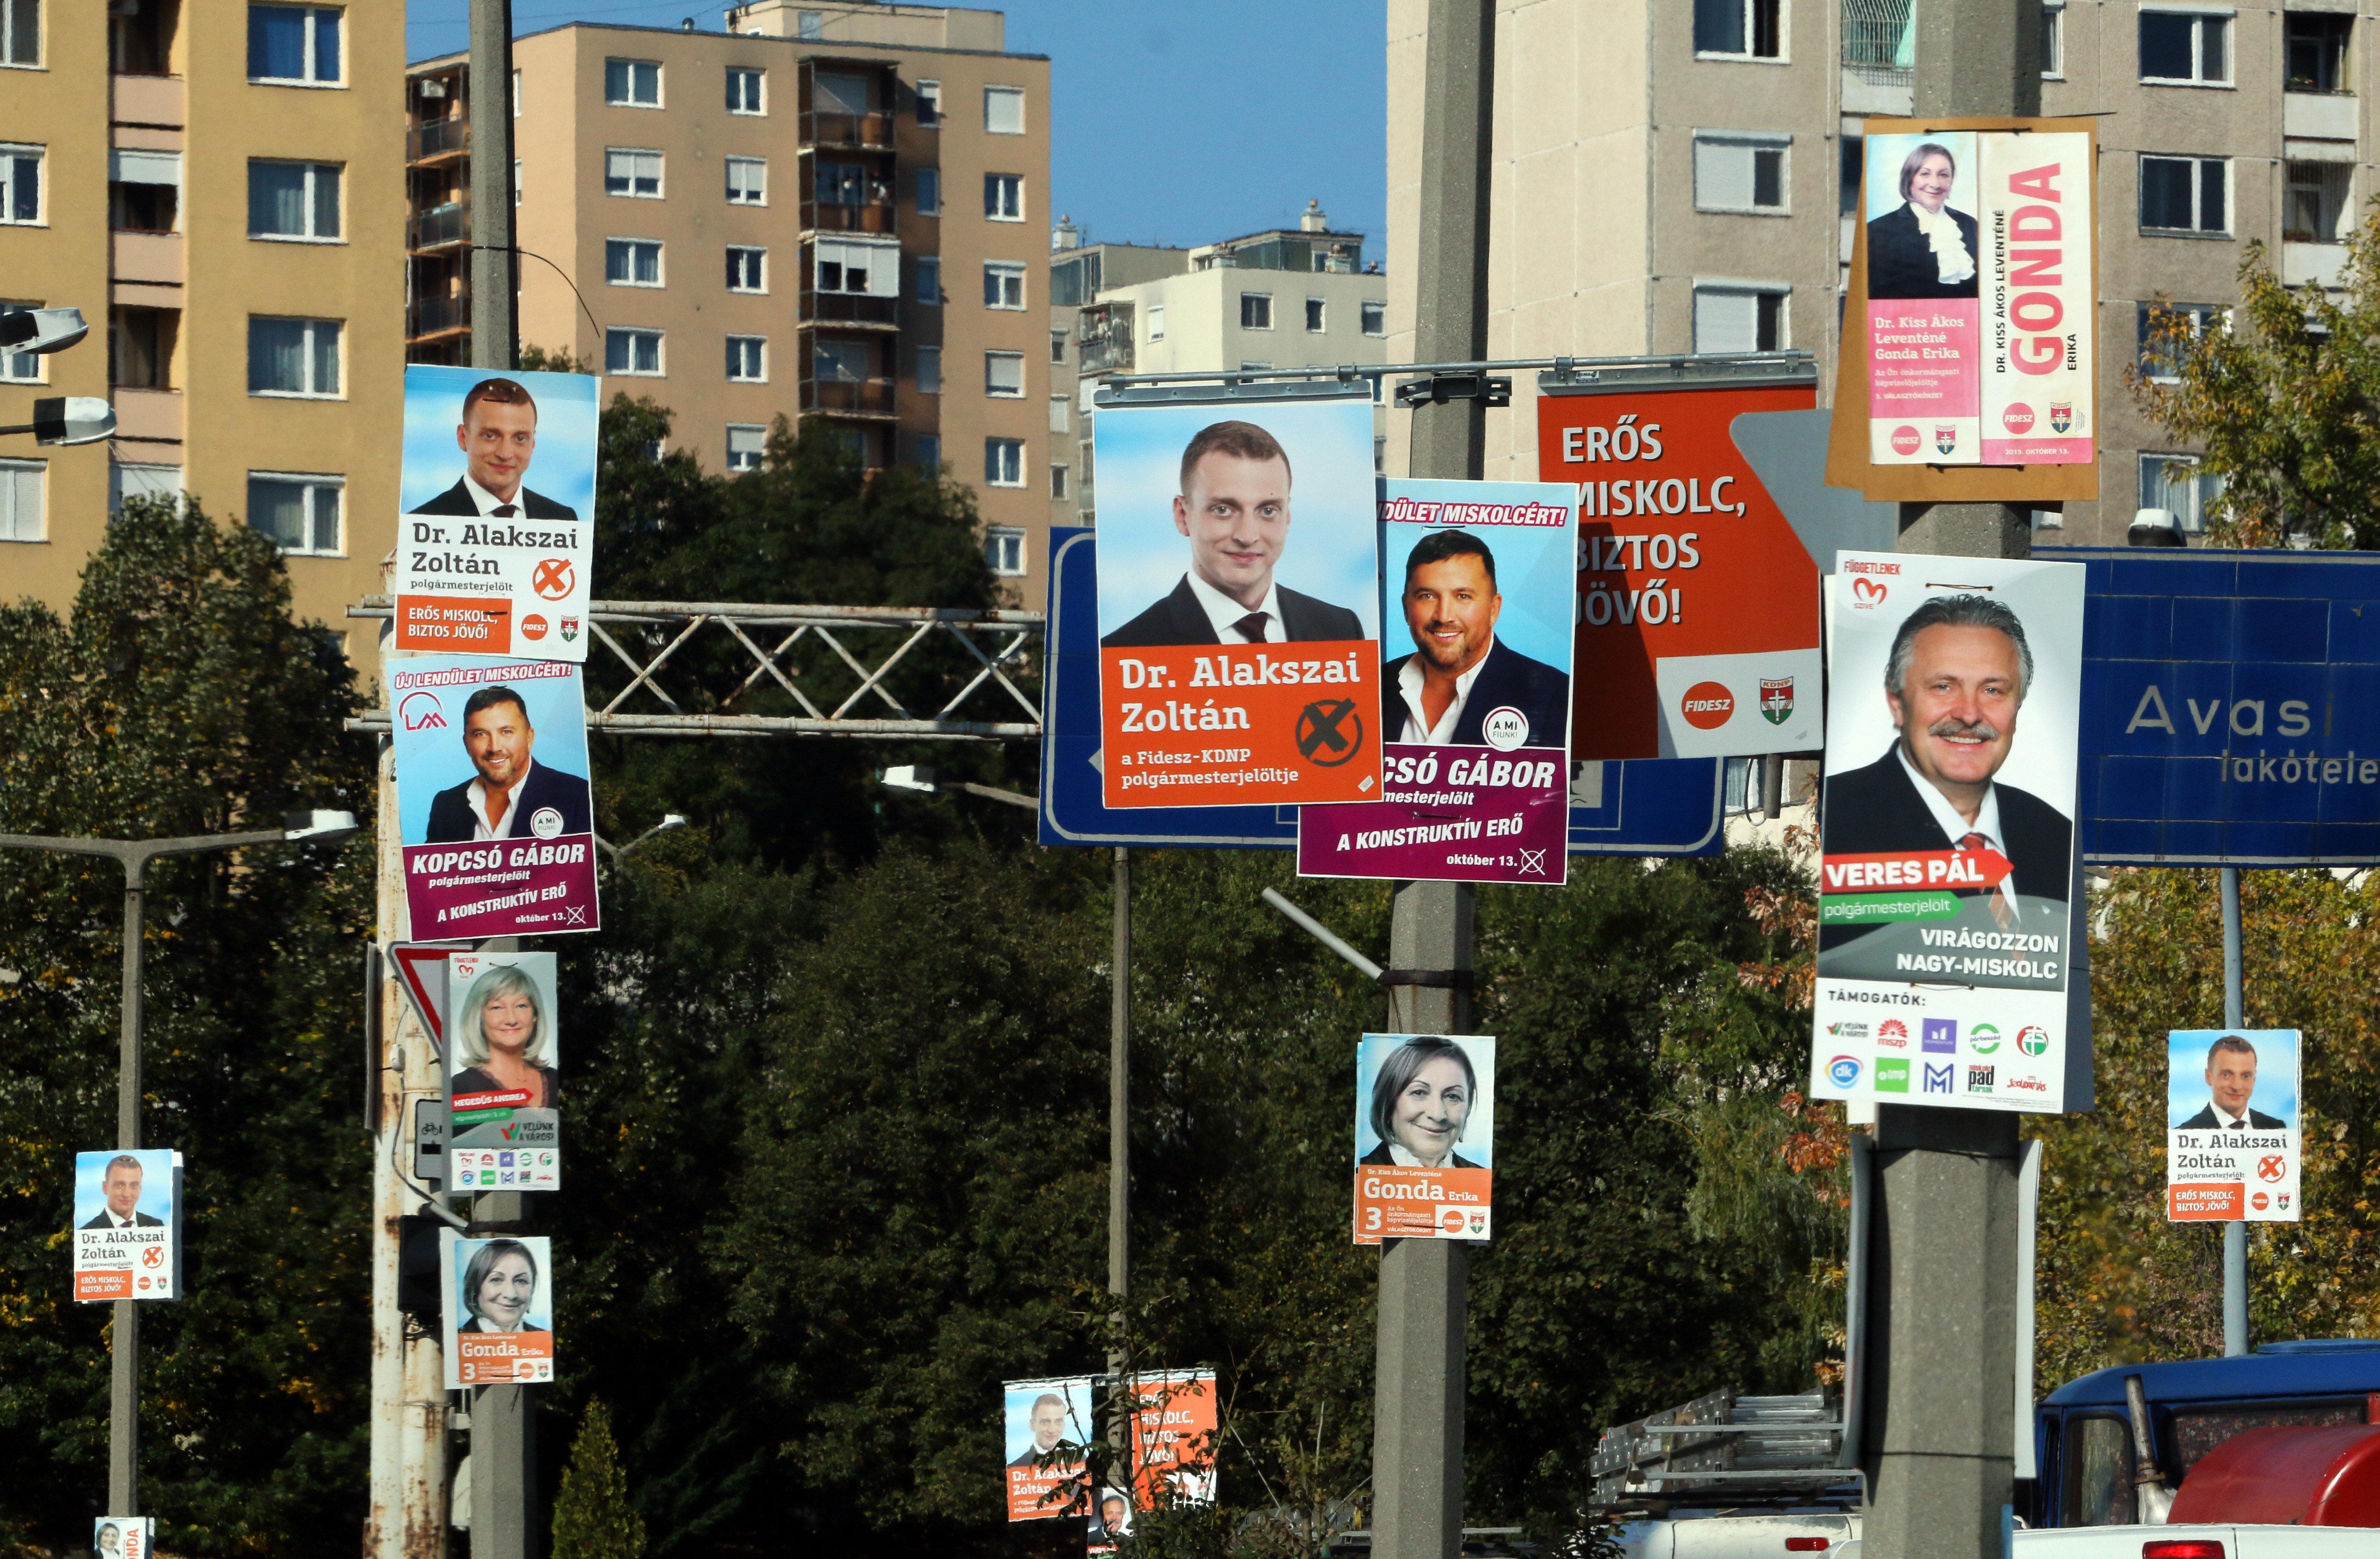 Kedden délután négyig gyönyörködhetünk a választási plakátokban